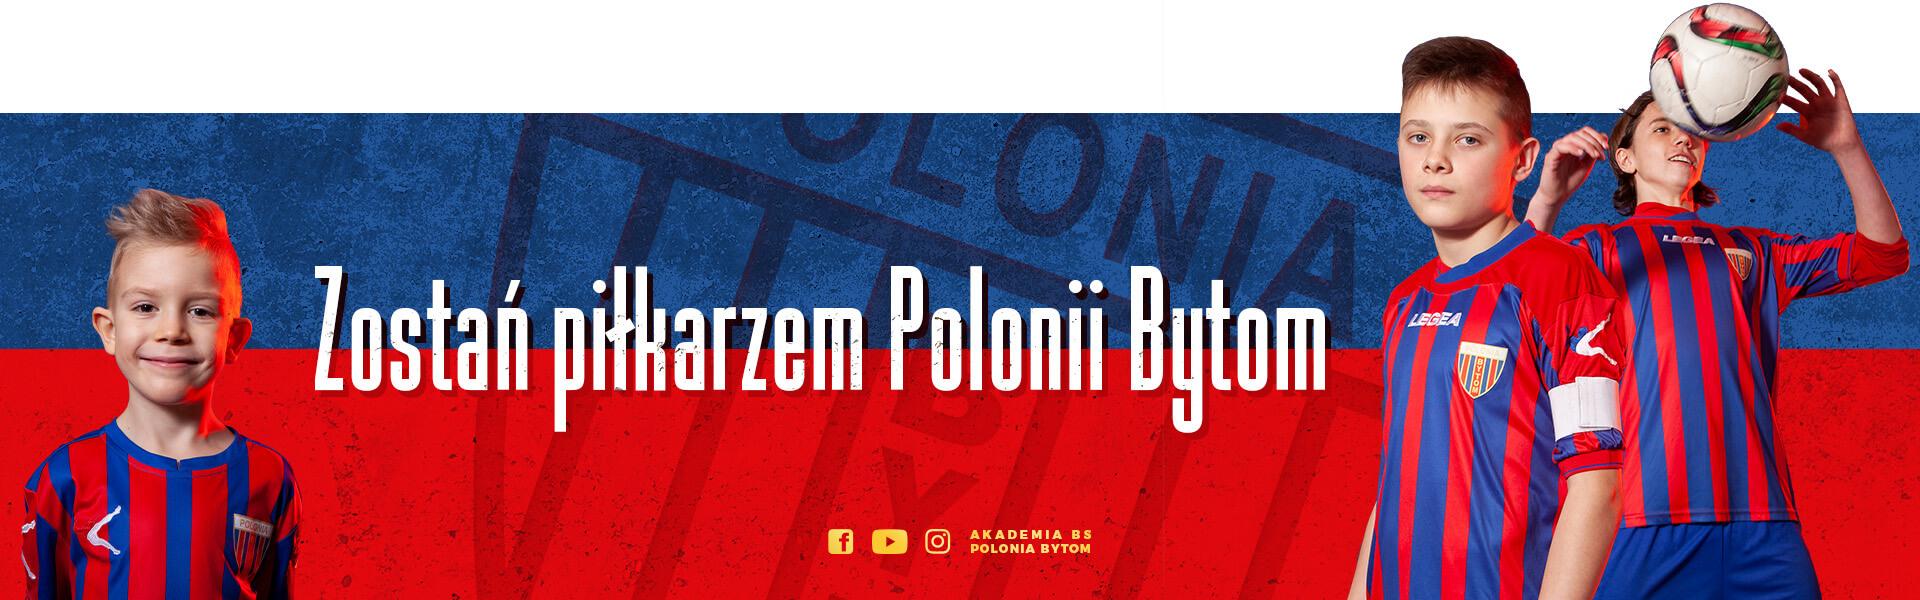 Zostań piłkarzem Polonii Bytom!